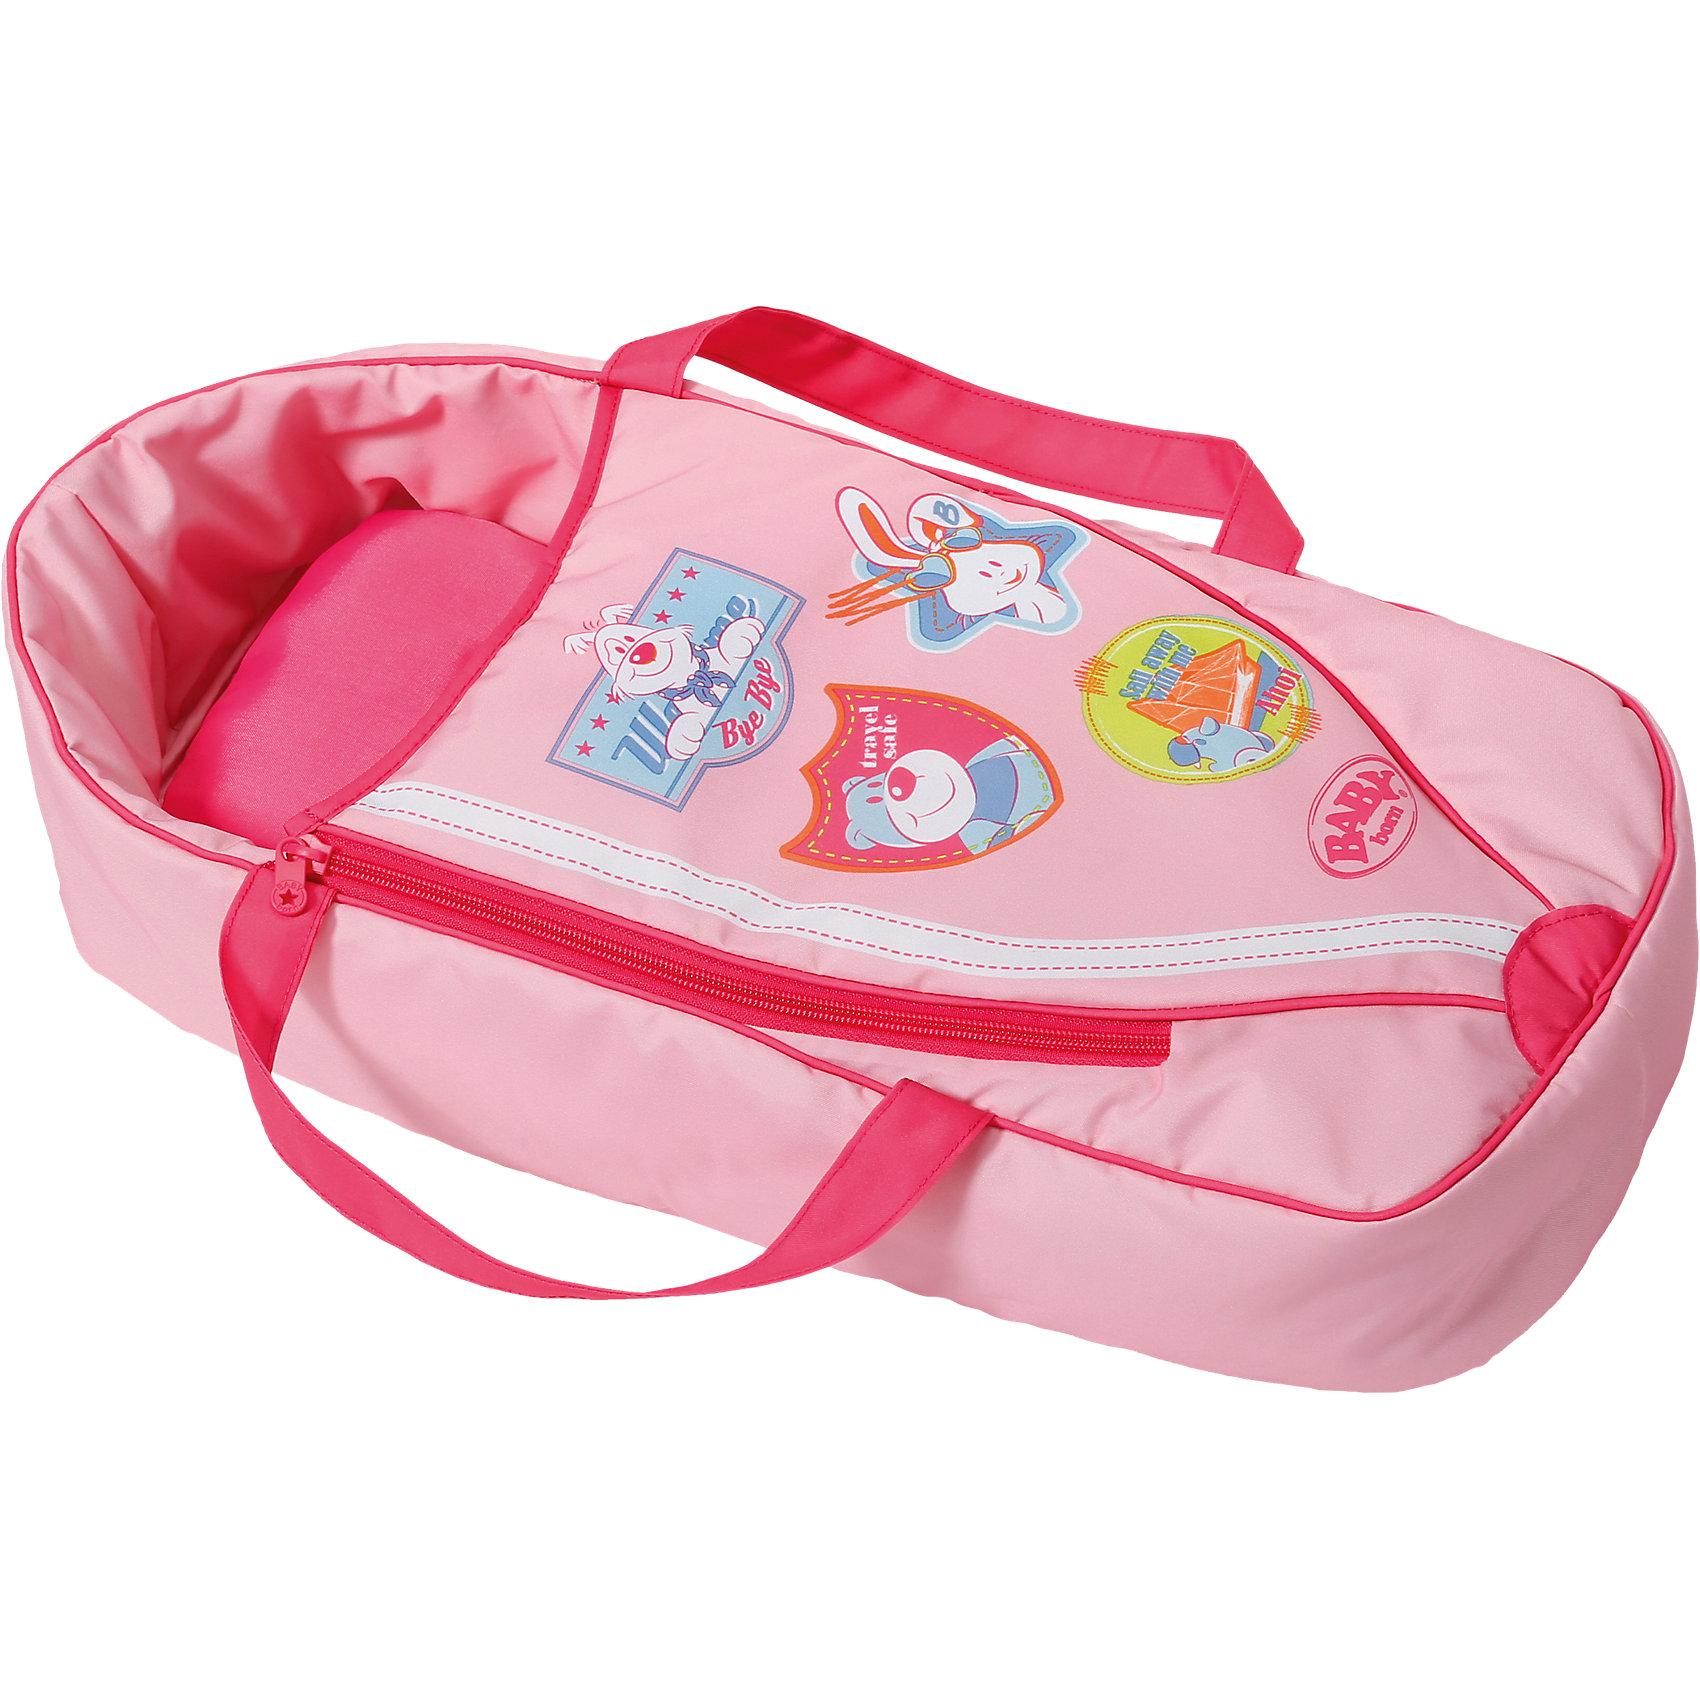 Спальный мешок, BABY bornКукольная одежда и аксессуары<br>Стильный розовый спальный мешок подойдёт для куколки BABY born или Baby Annabell. В таком спальном мешке всегда будет уютно и тепло. У мешка есть удобные широкие ручки, благодаря которым его можно использовать как переноску и брать любимую куклу с собой на прогулку.<br><br>Ширина мм: 493<br>Глубина мм: 233<br>Высота мм: 107<br>Вес г: 363<br>Возраст от месяцев: 36<br>Возраст до месяцев: 60<br>Пол: Женский<br>Возраст: Детский<br>SKU: 4319356